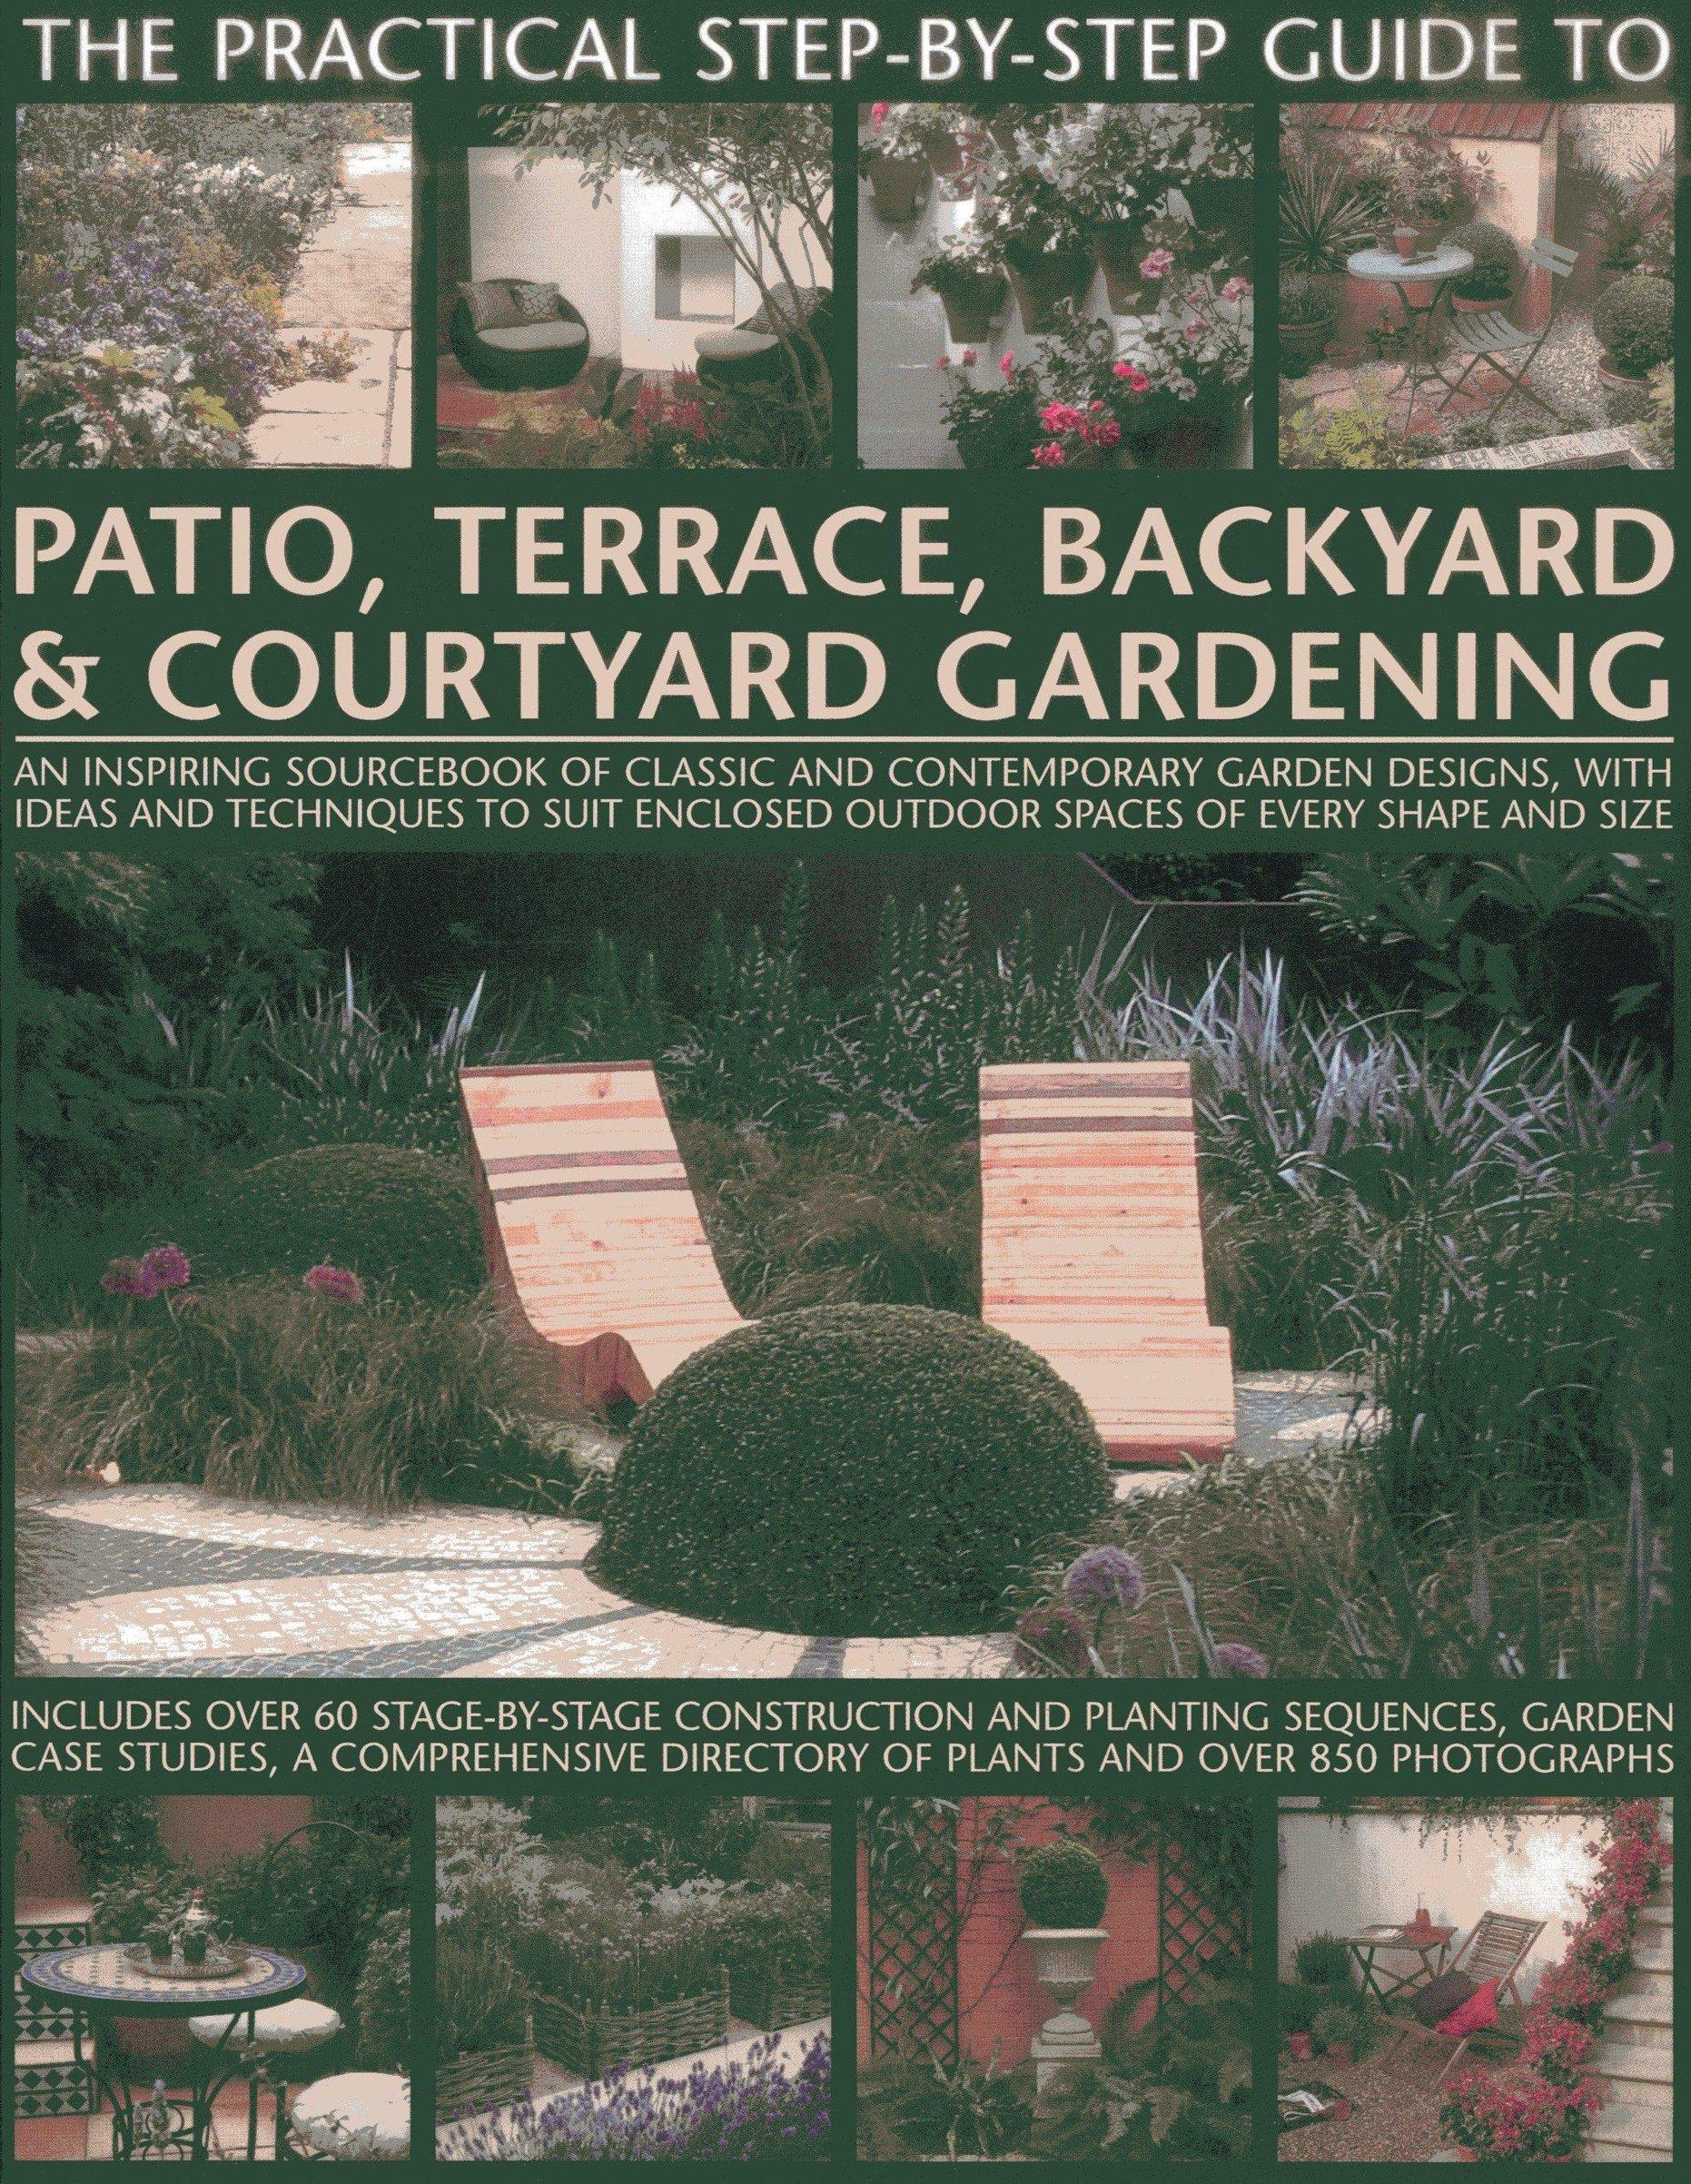 Practical Guide to Patio, Terrace, Backyard and Courtyard Gardening